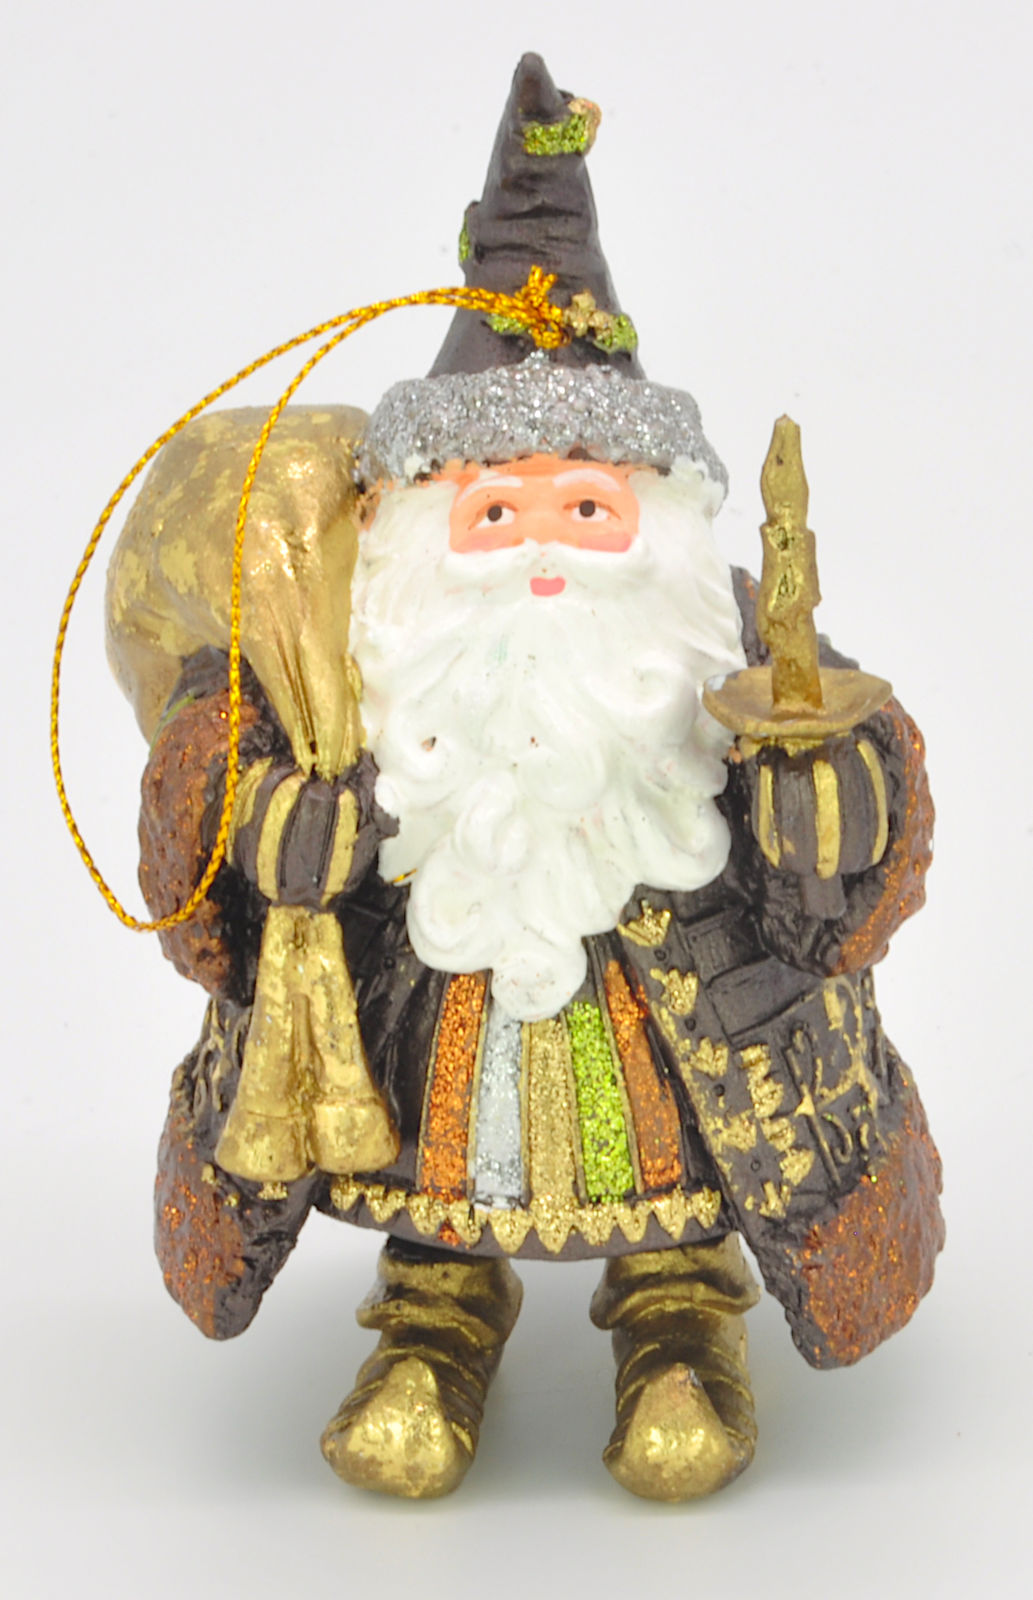 Christbaumschmuck Figur Weihnachtsmann dick mit Geschenken braun gold 15cm